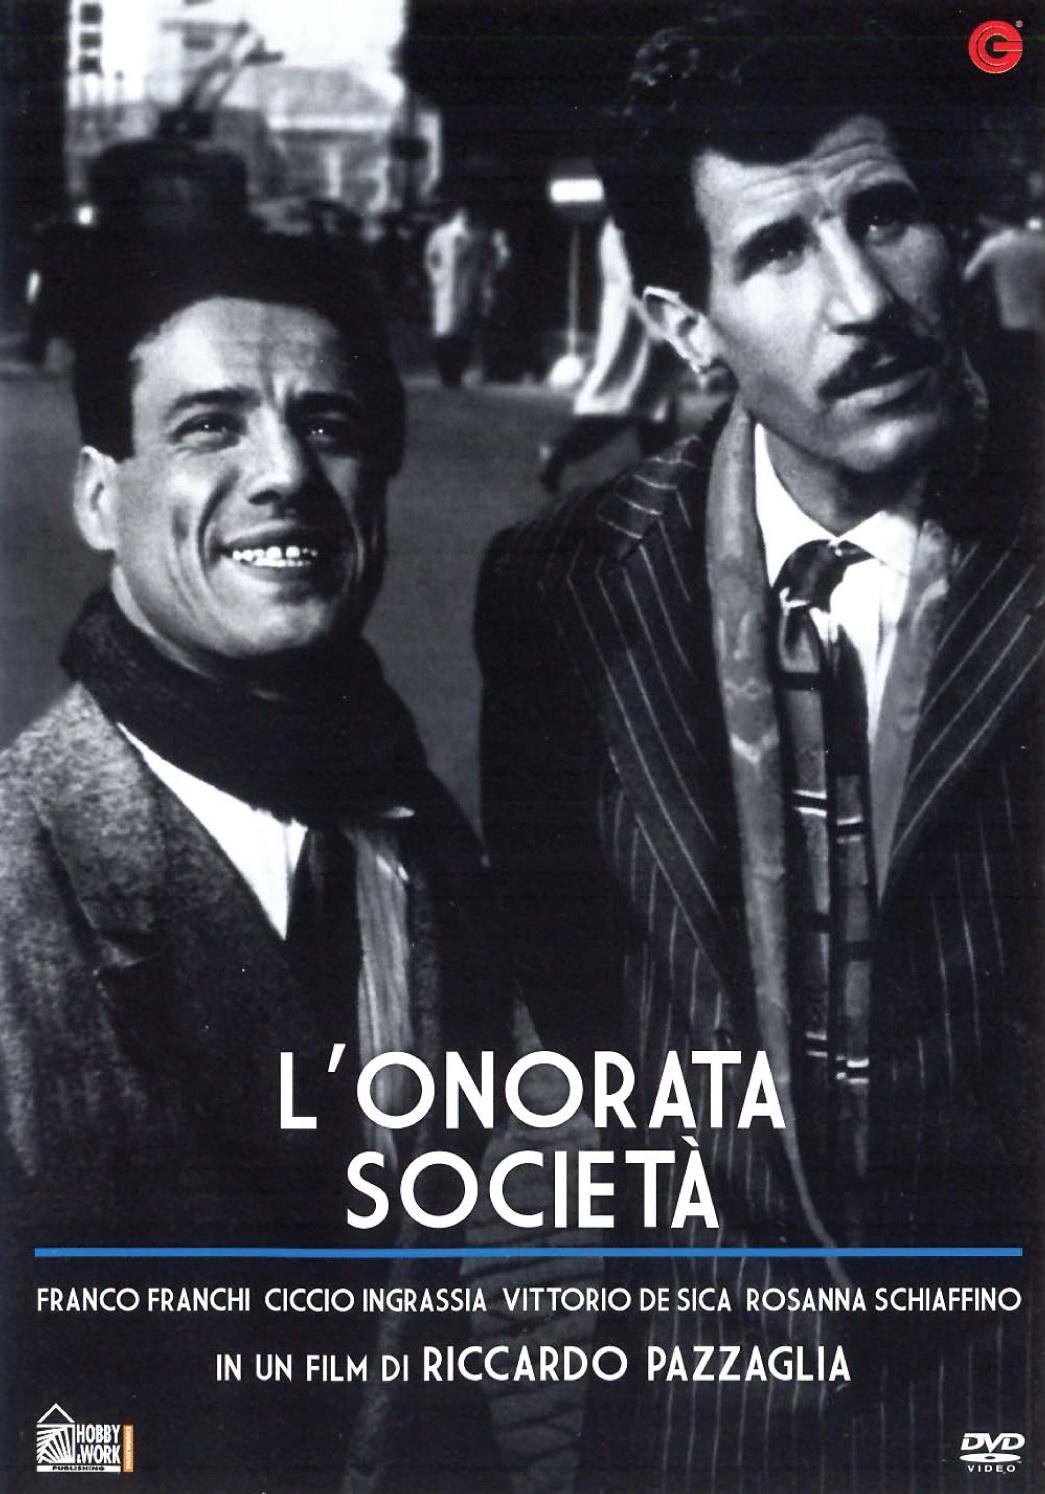 L'onorata società (1961)